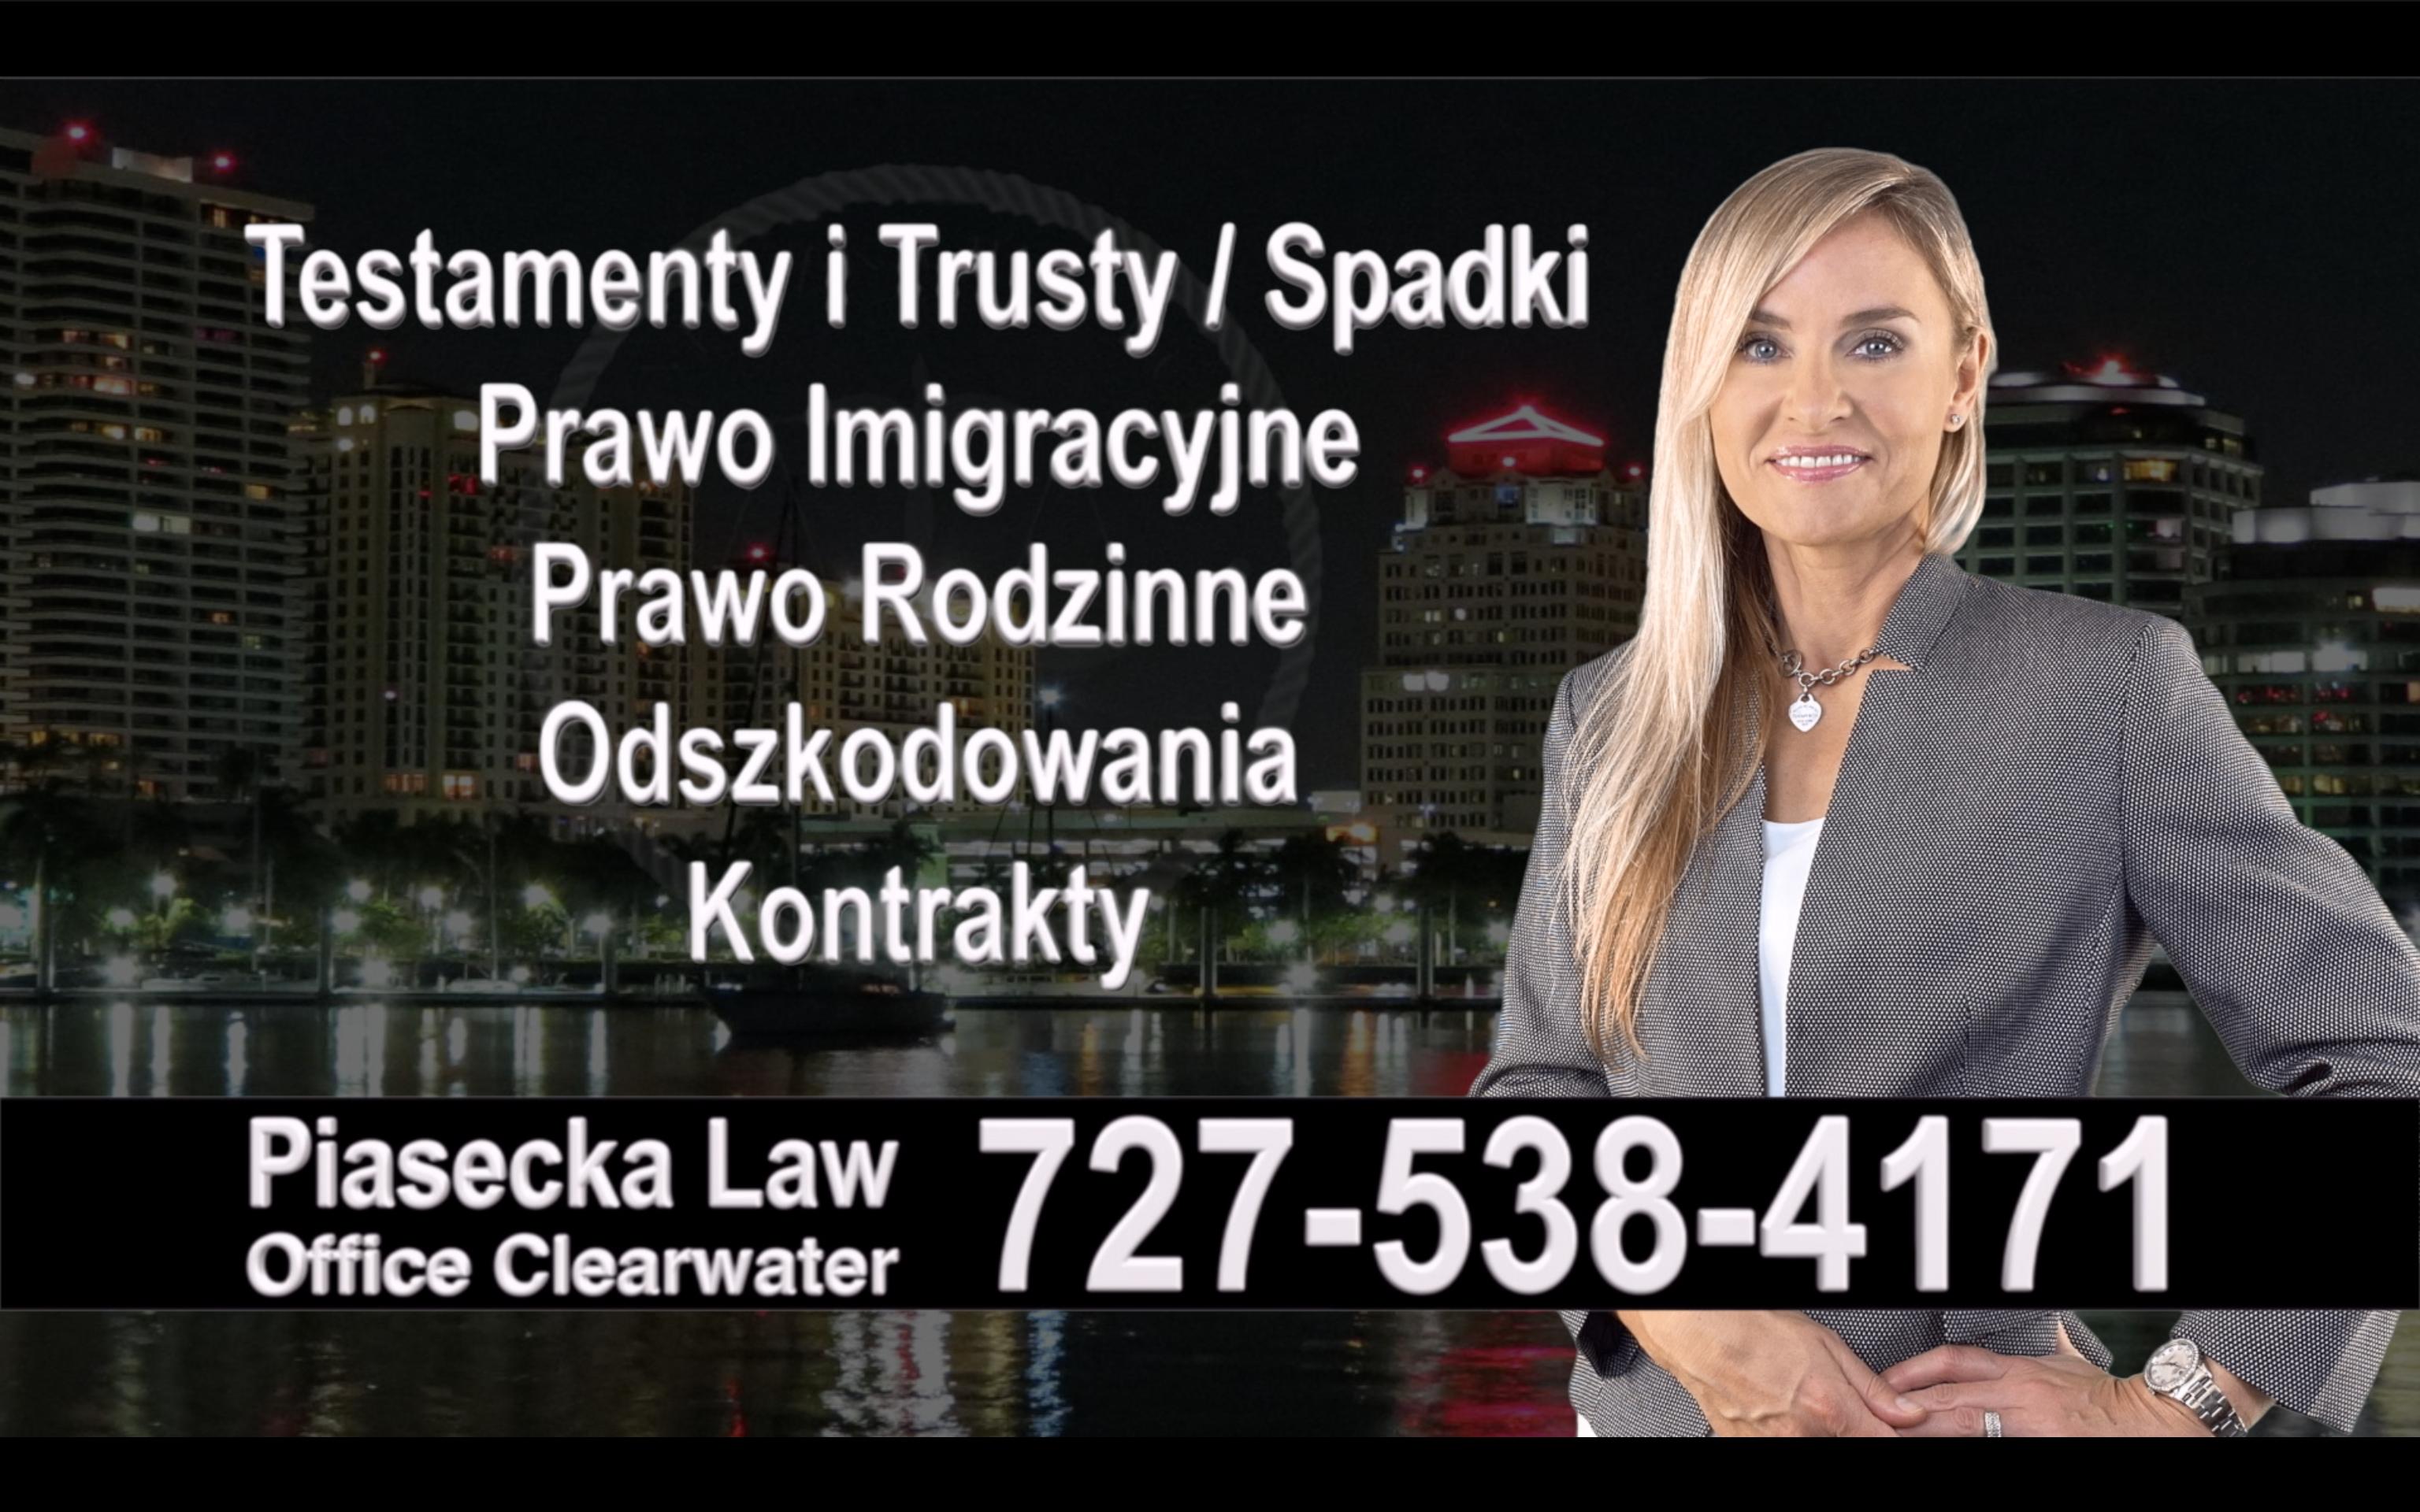 Ruskin Polski, Prawnik, adwokat, polish, lawyer, attorney, florida, polscy, prawnicy, adwokaci, Testament, Trust, wypadek